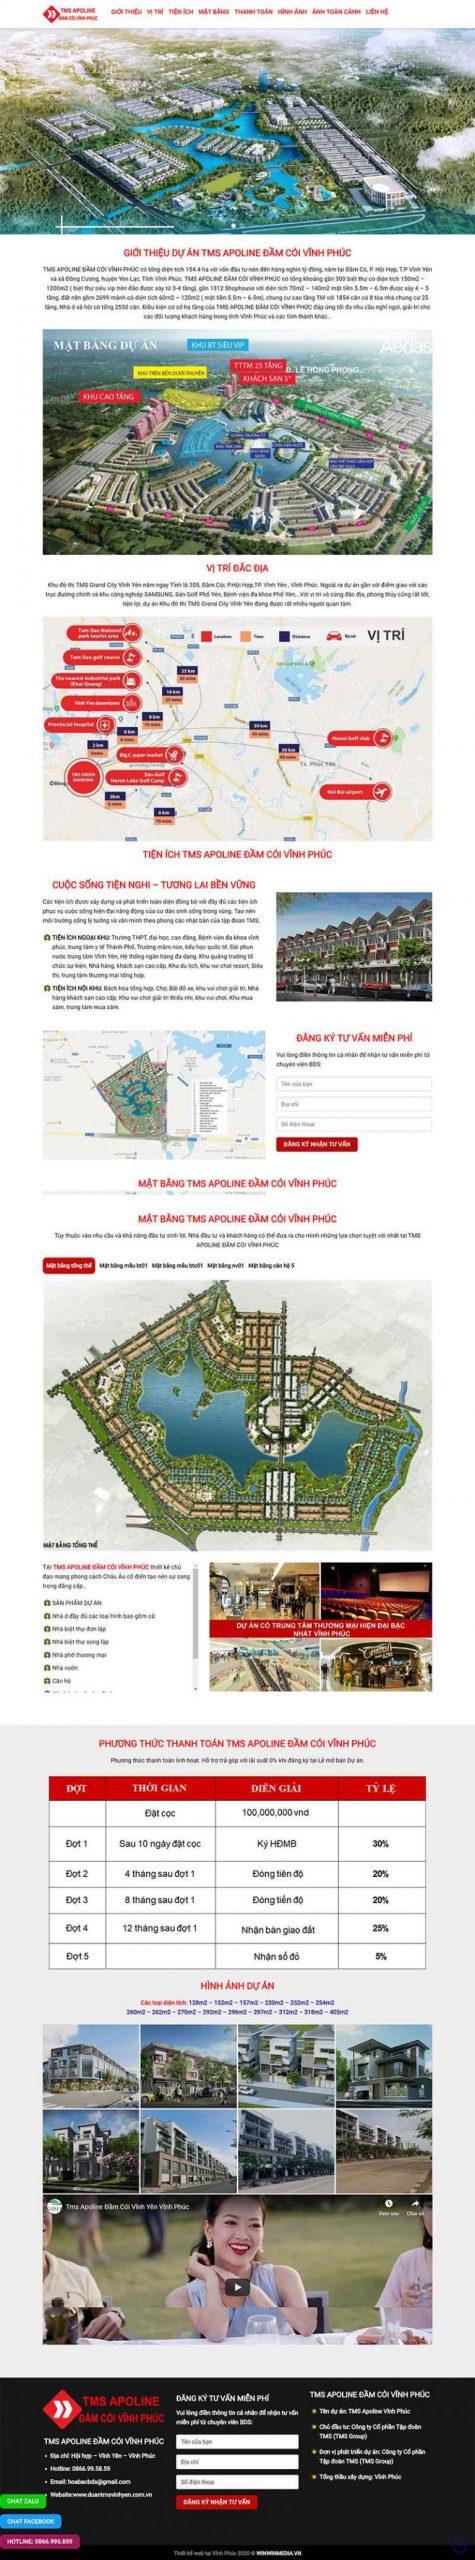 Mẫu Web bất động sản dự án TMS Đầm Cói Vĩnh Phúc